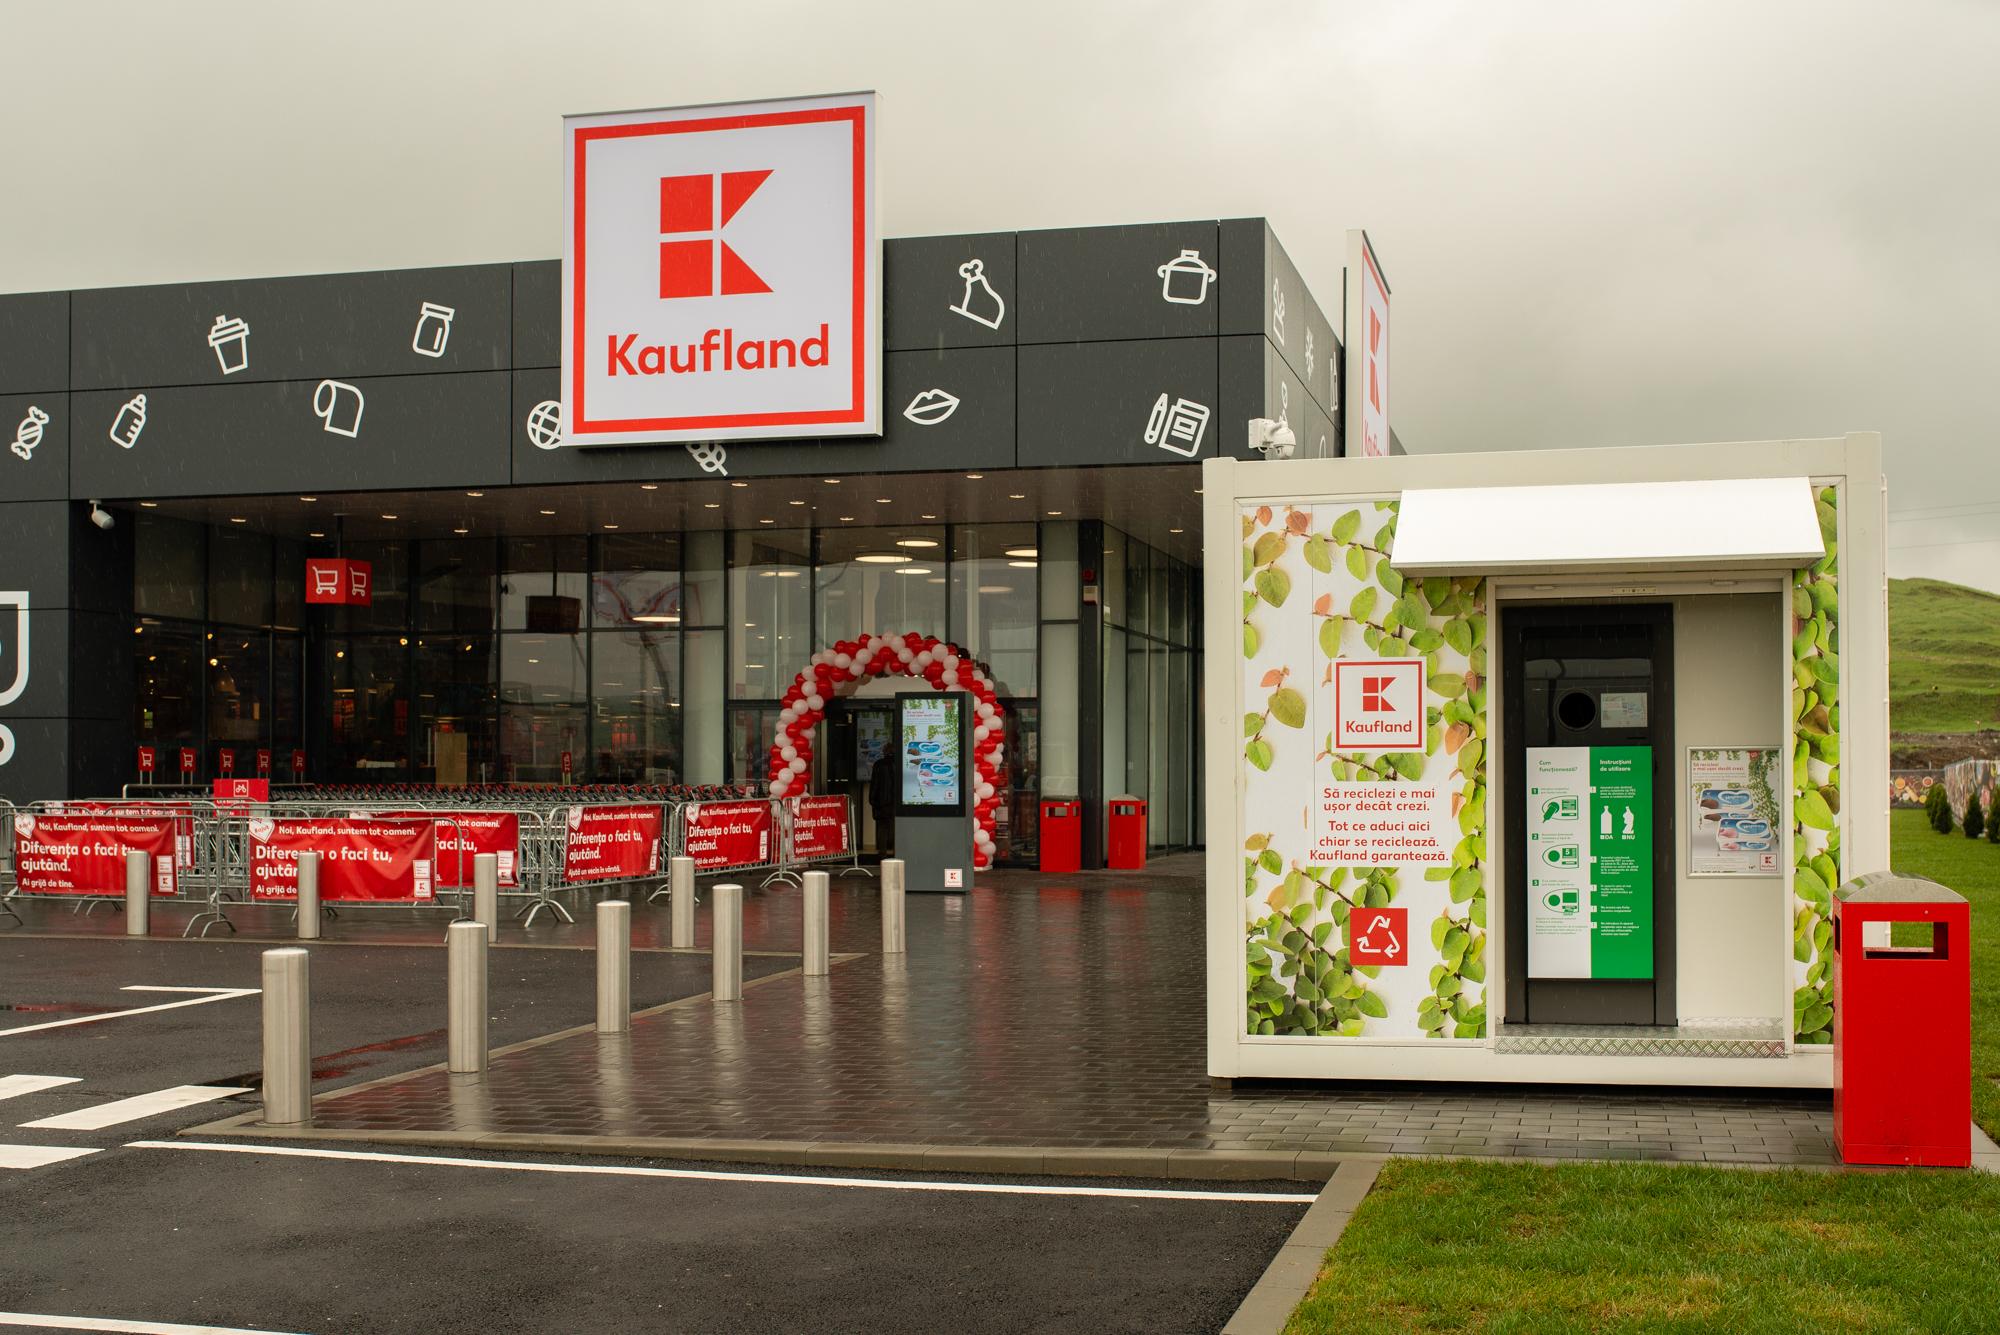 Pandemia nu a schimbat planurile Kaufland: alte 9 magazine vor fi deschise până în februarie 2021, după afaceri de 11 miliarde lei în 2019